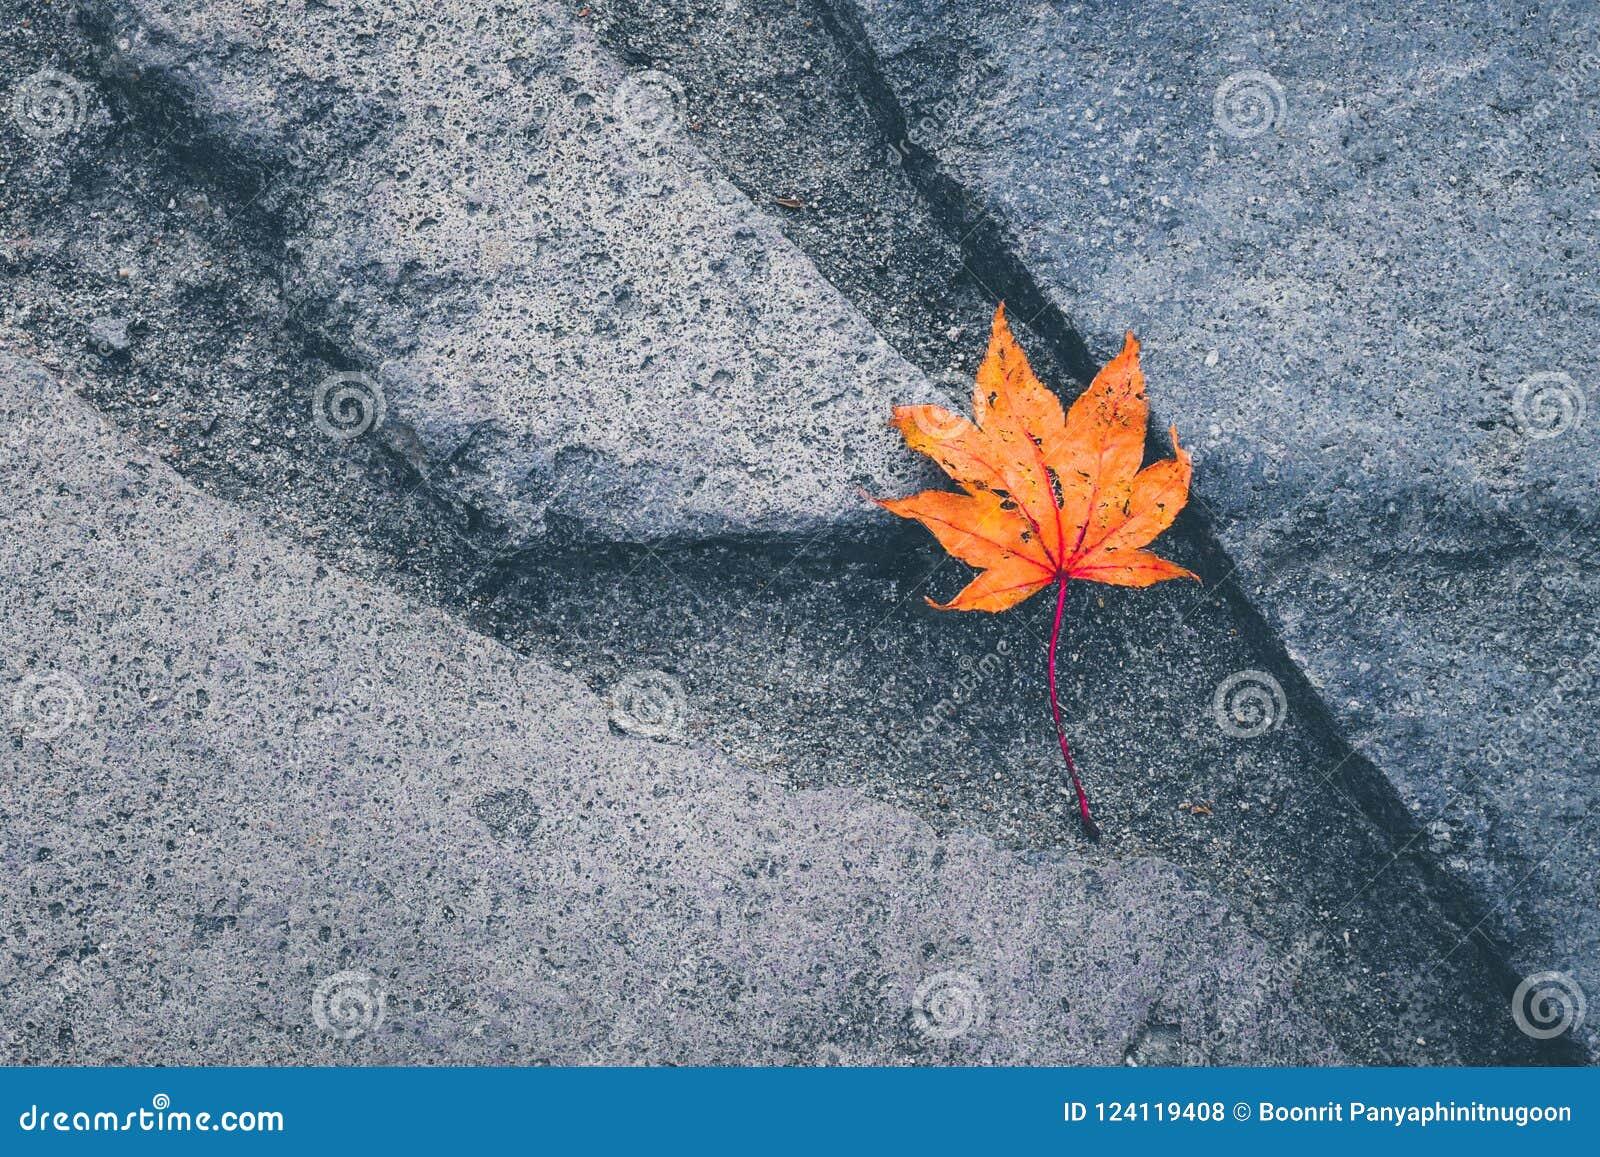 Μινιμαλιστικό ύφος, αναδρομικό φίλτρο χρώματος Ένα κόκκινο ξηρό φύλλο σφενδάμου που είναι